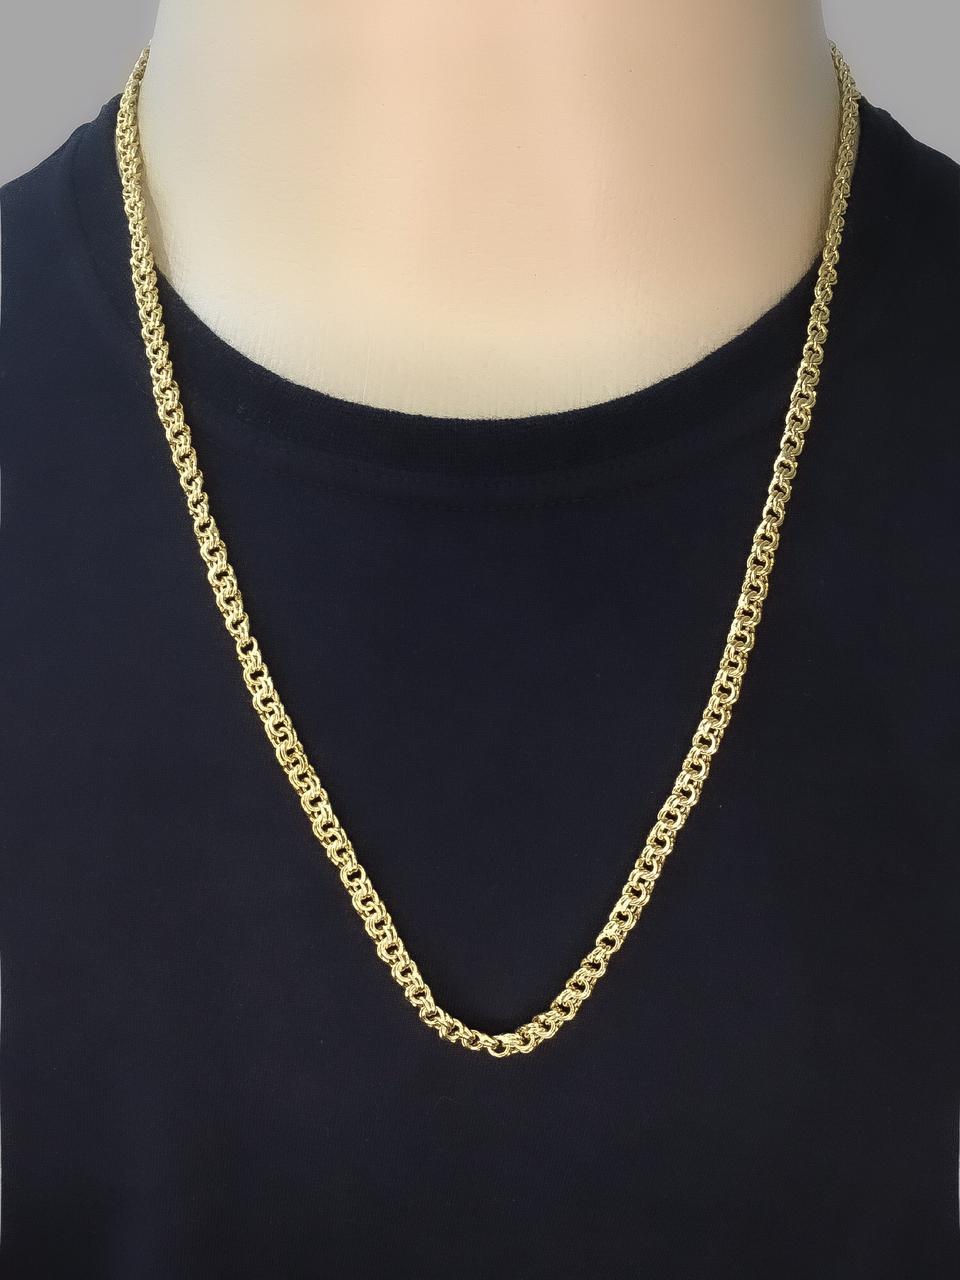 Corrente friso  -  5 milímetros - 70 Centímetros - fecho Gaveta - Banhado a ouro 18 k